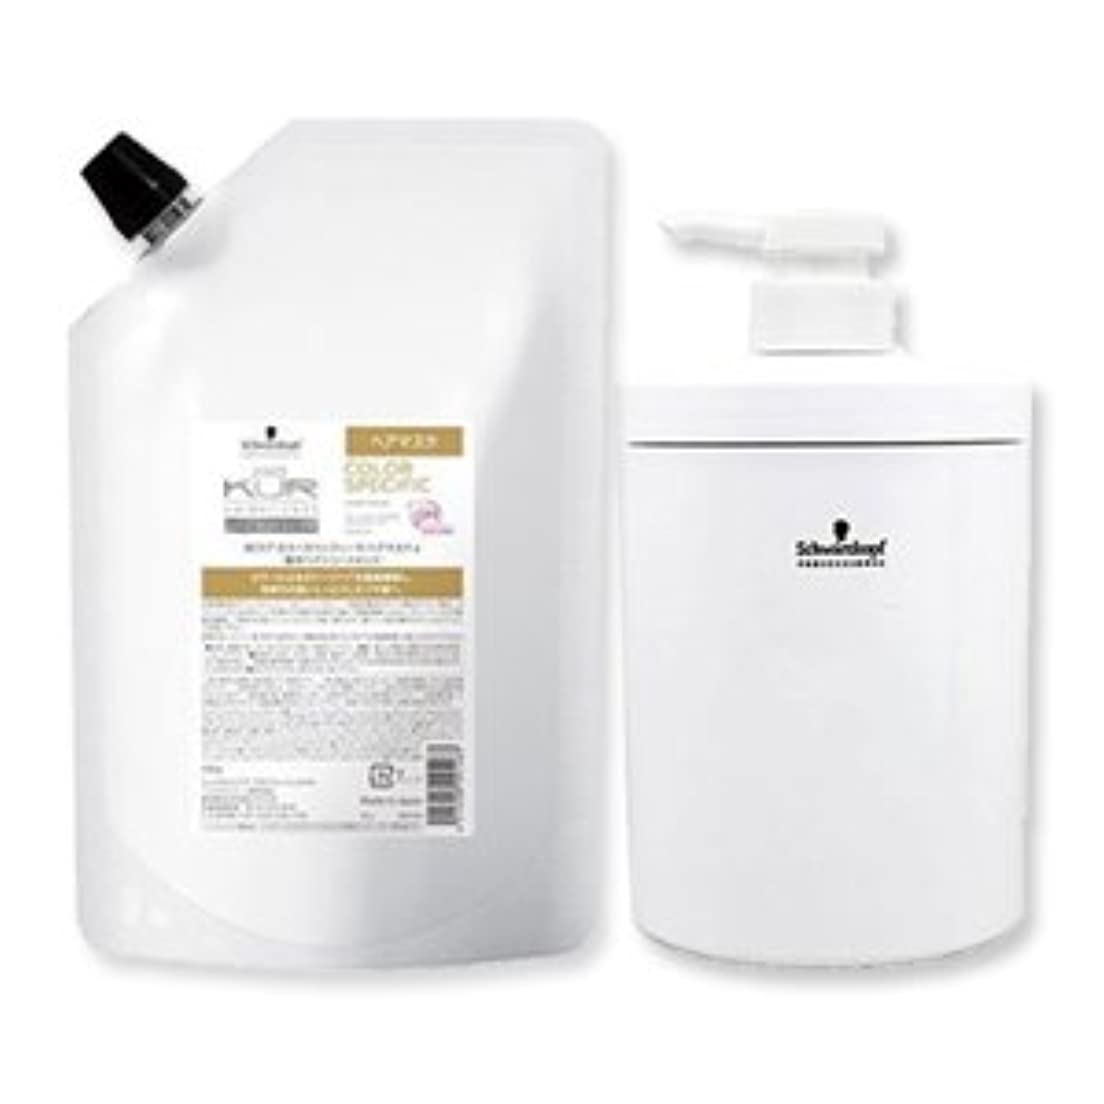 異なる治療生産性シュワルツコフ BCクア カラースペシフィーク ヘアマスク a 500g 詰め替え + エアレスポンプボトル(空容器) セット